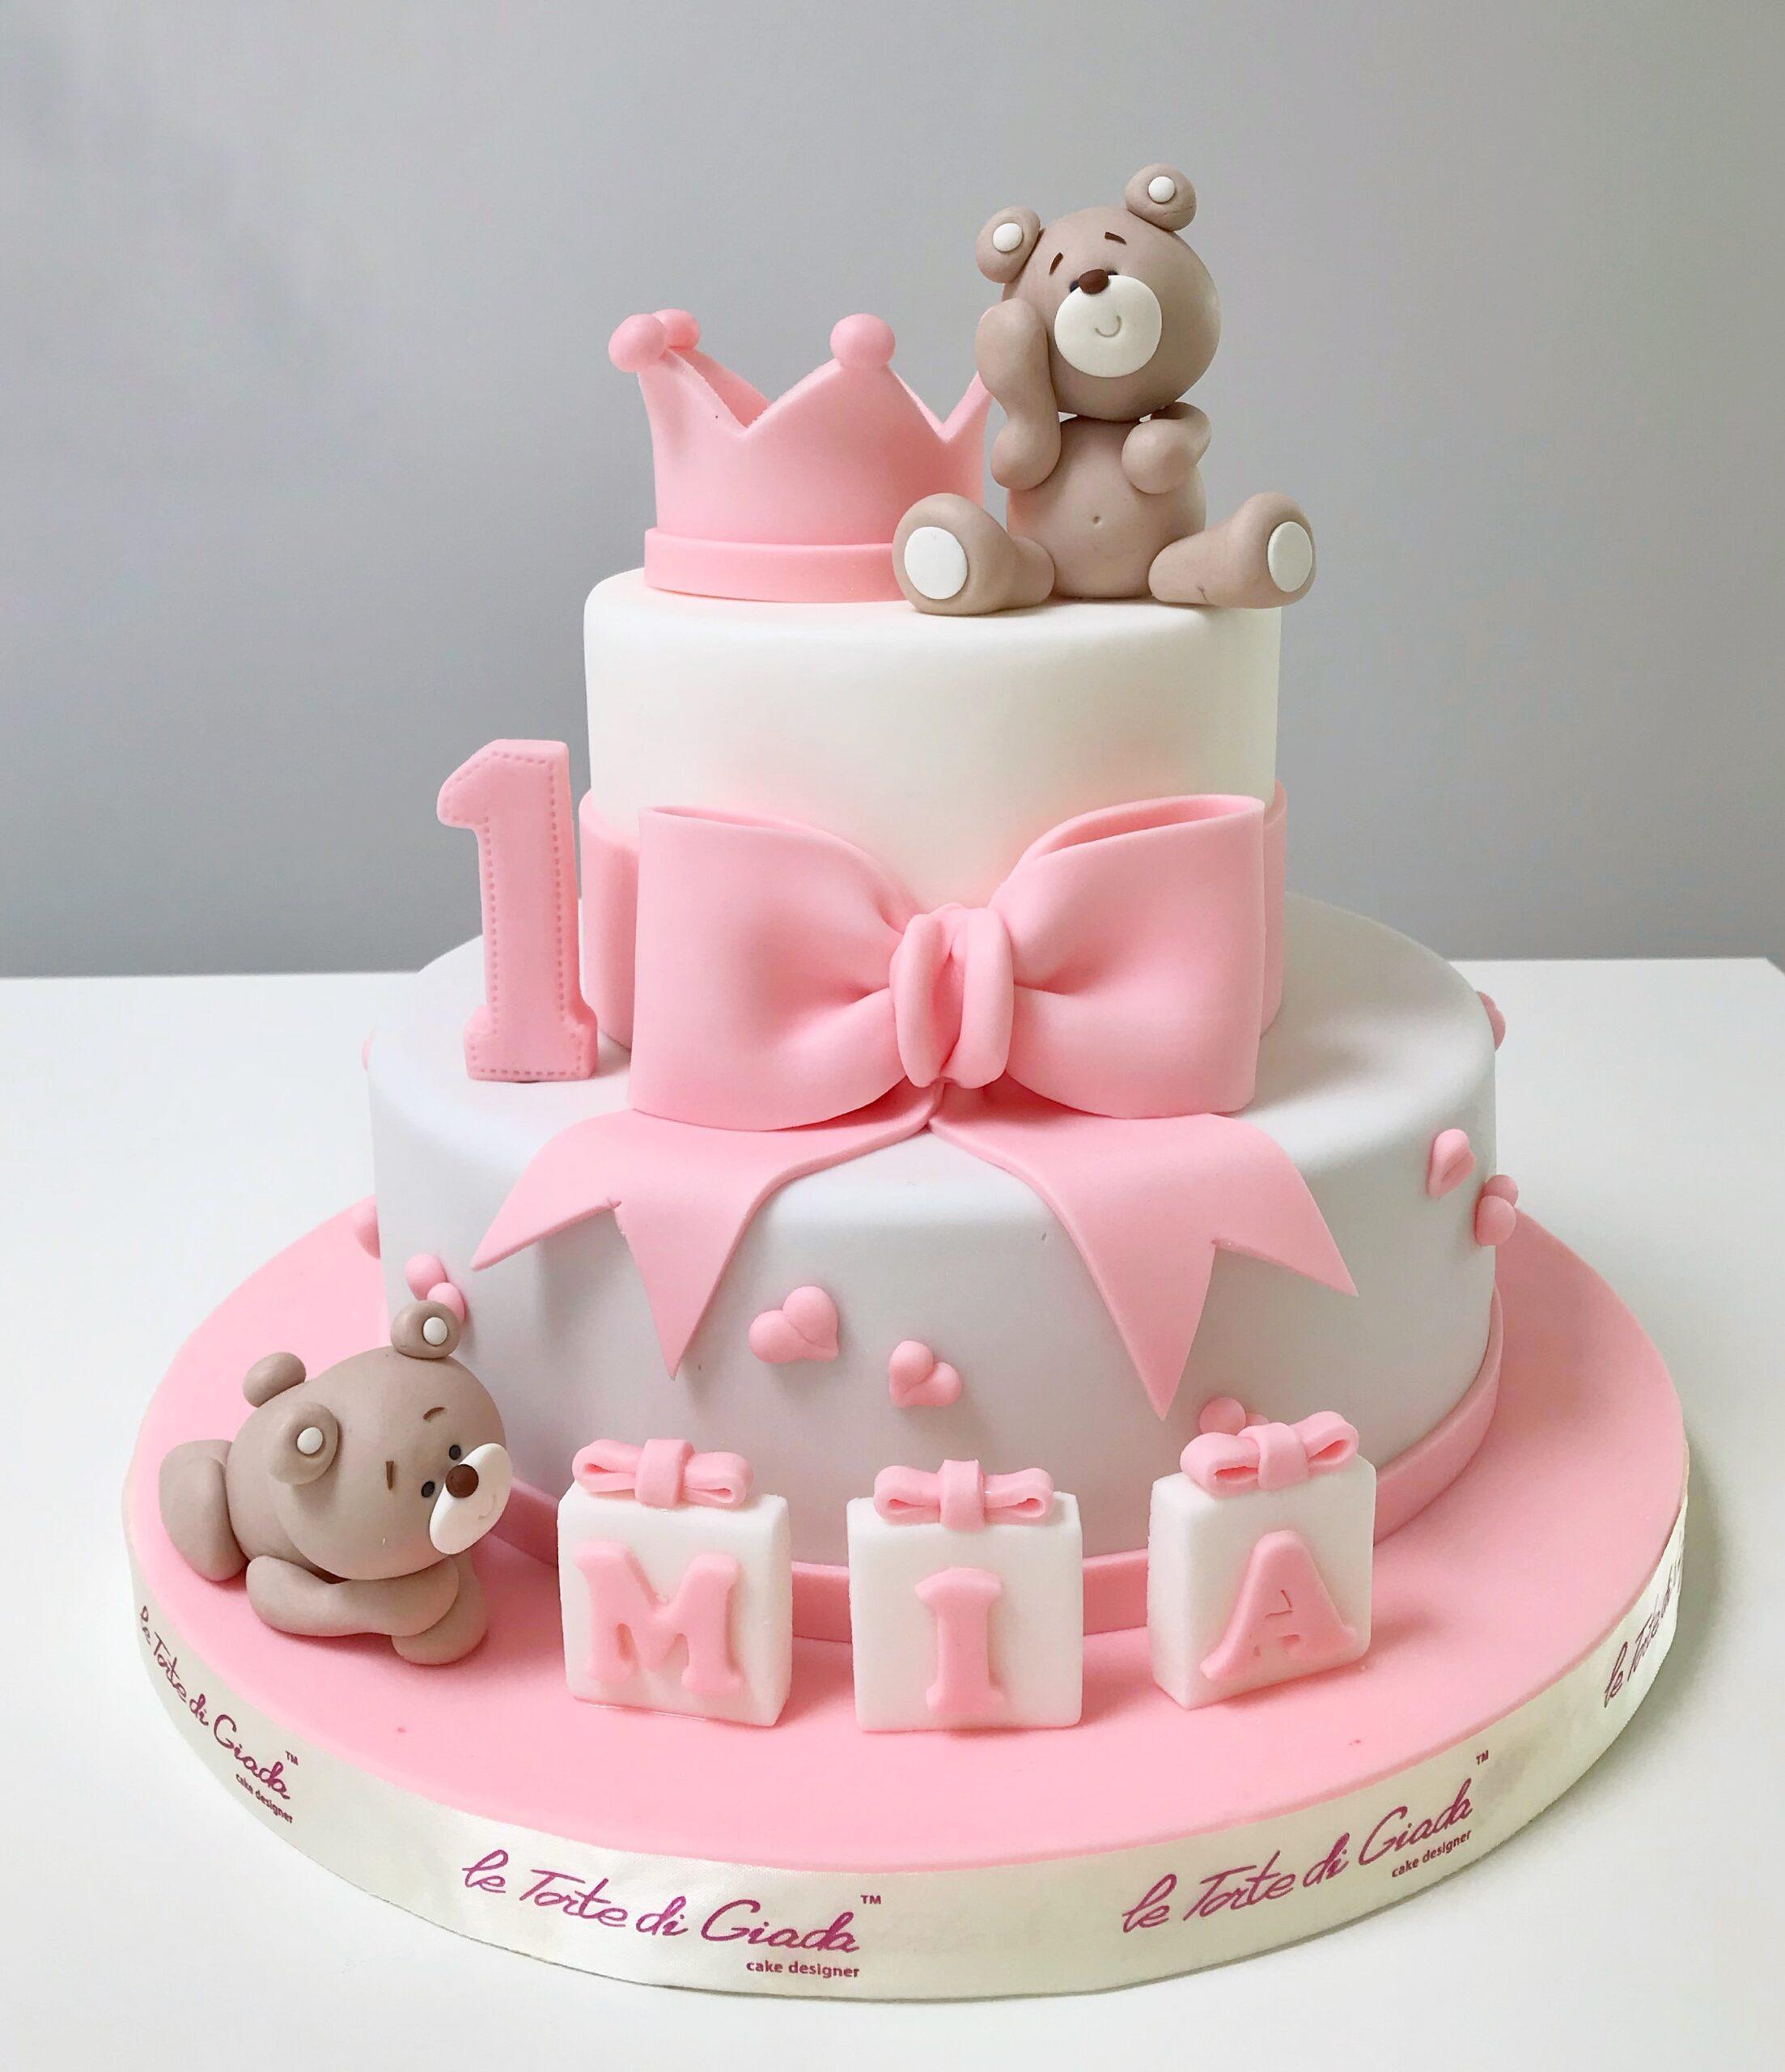 primo compleanno bambina torta cake design